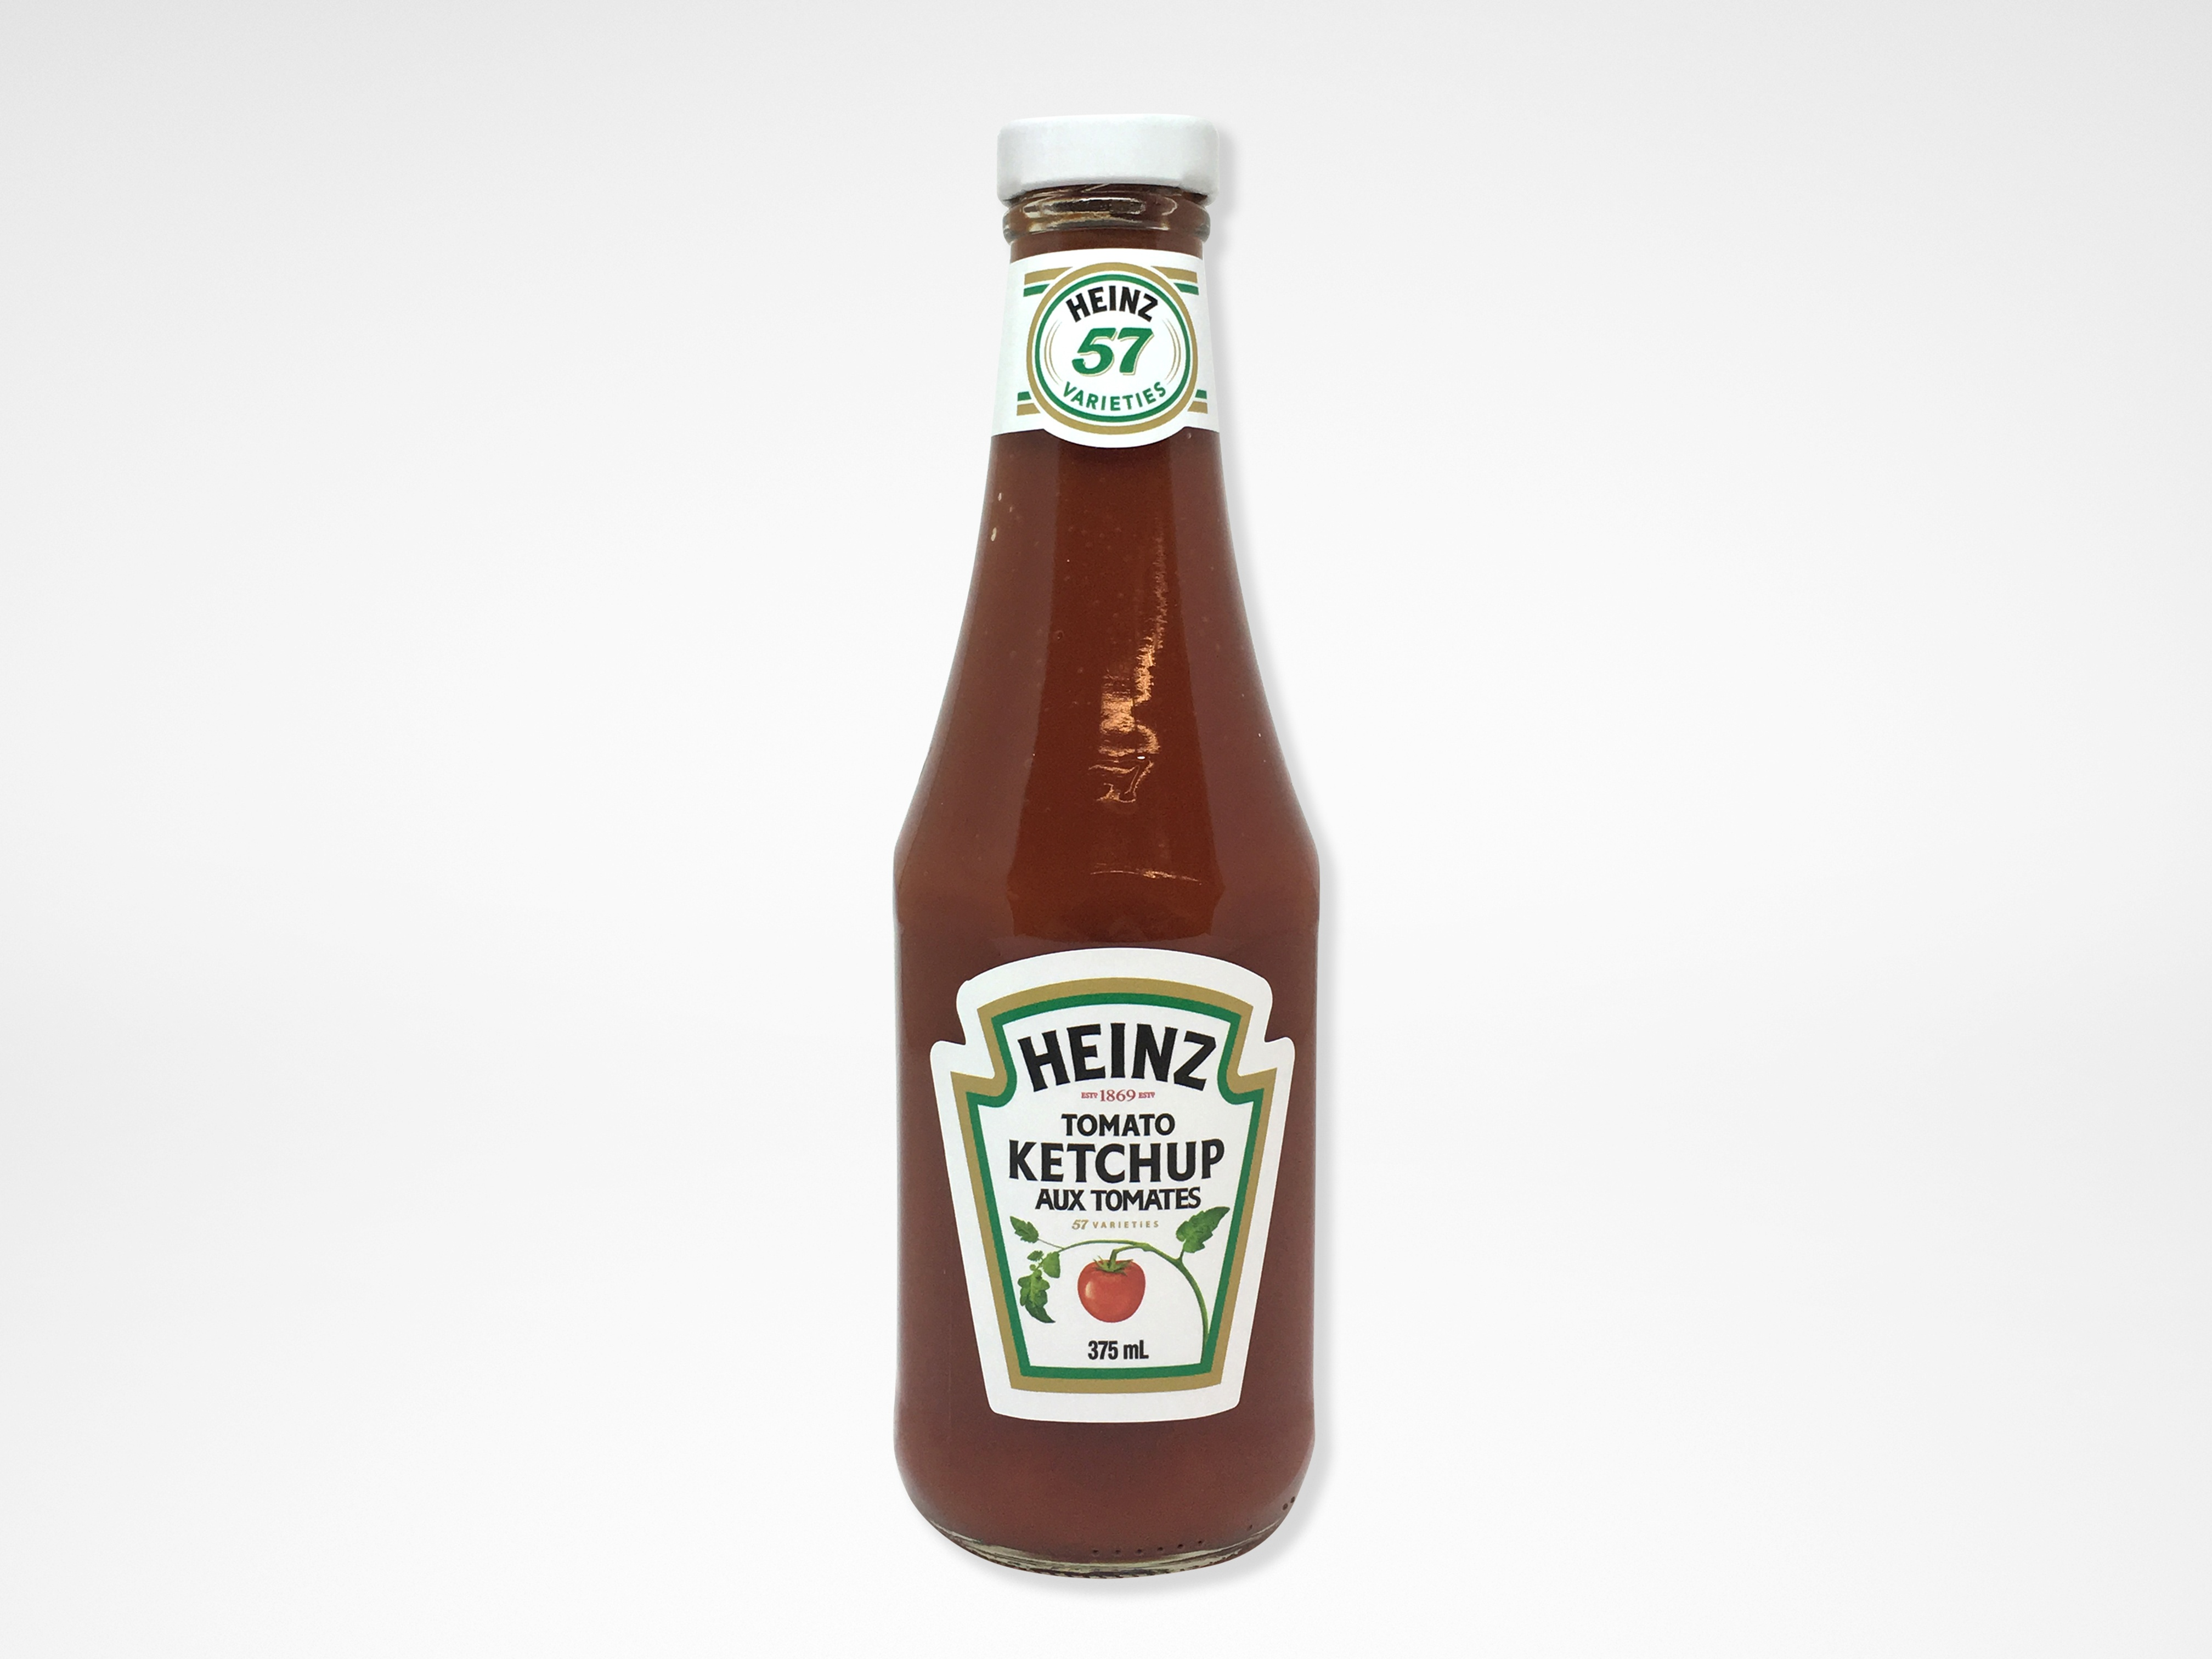 https://0901.nccdn.net/4_2/000/000/038/2d3/Heinz-ketchup-4032x3024.jpg